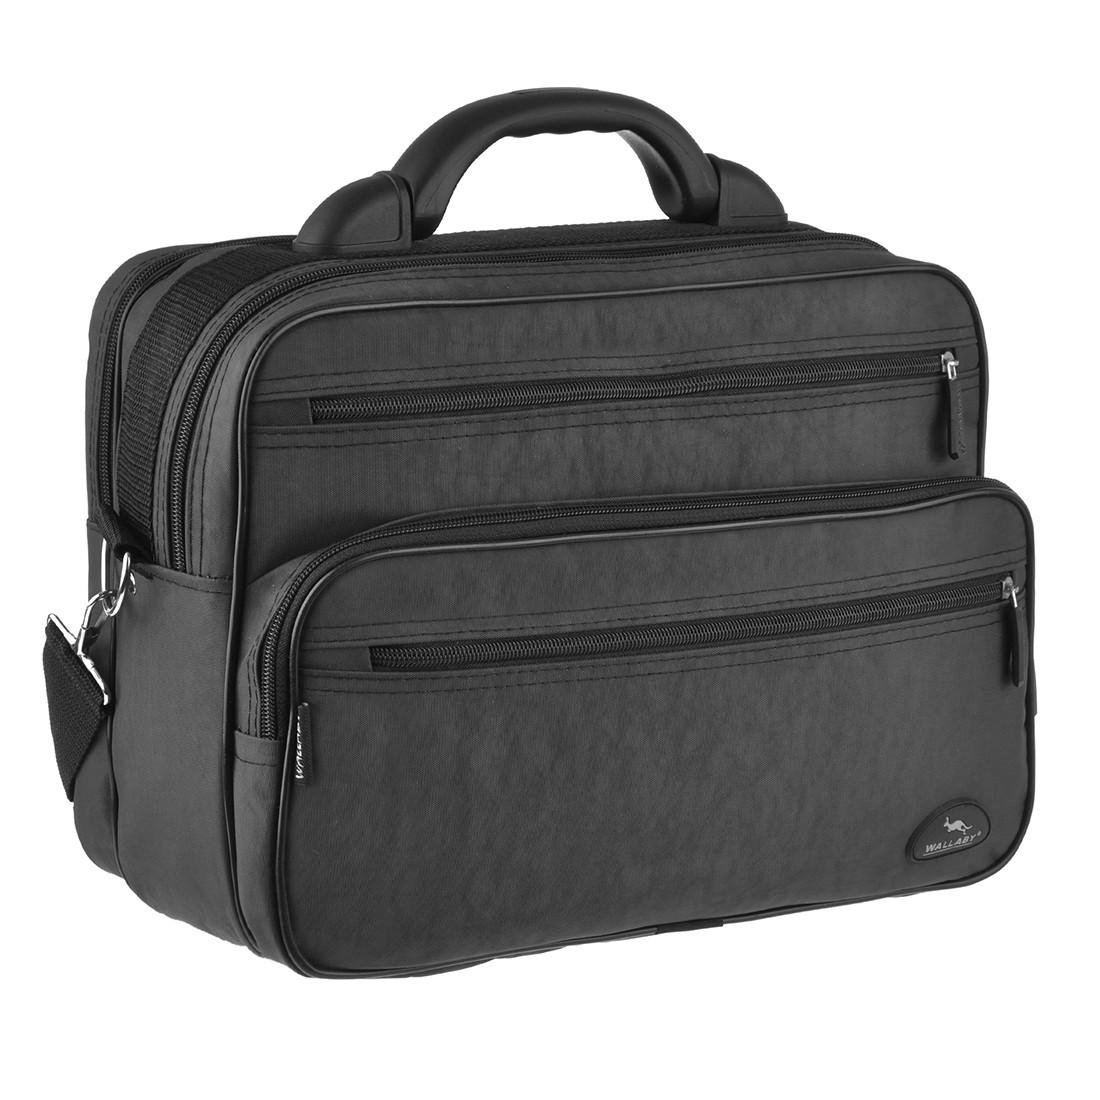 Чоловіча сумка Wallaby підлозі каркас 36х26х16 тканина чорний кринкл, ручка пластикова в 26531ч